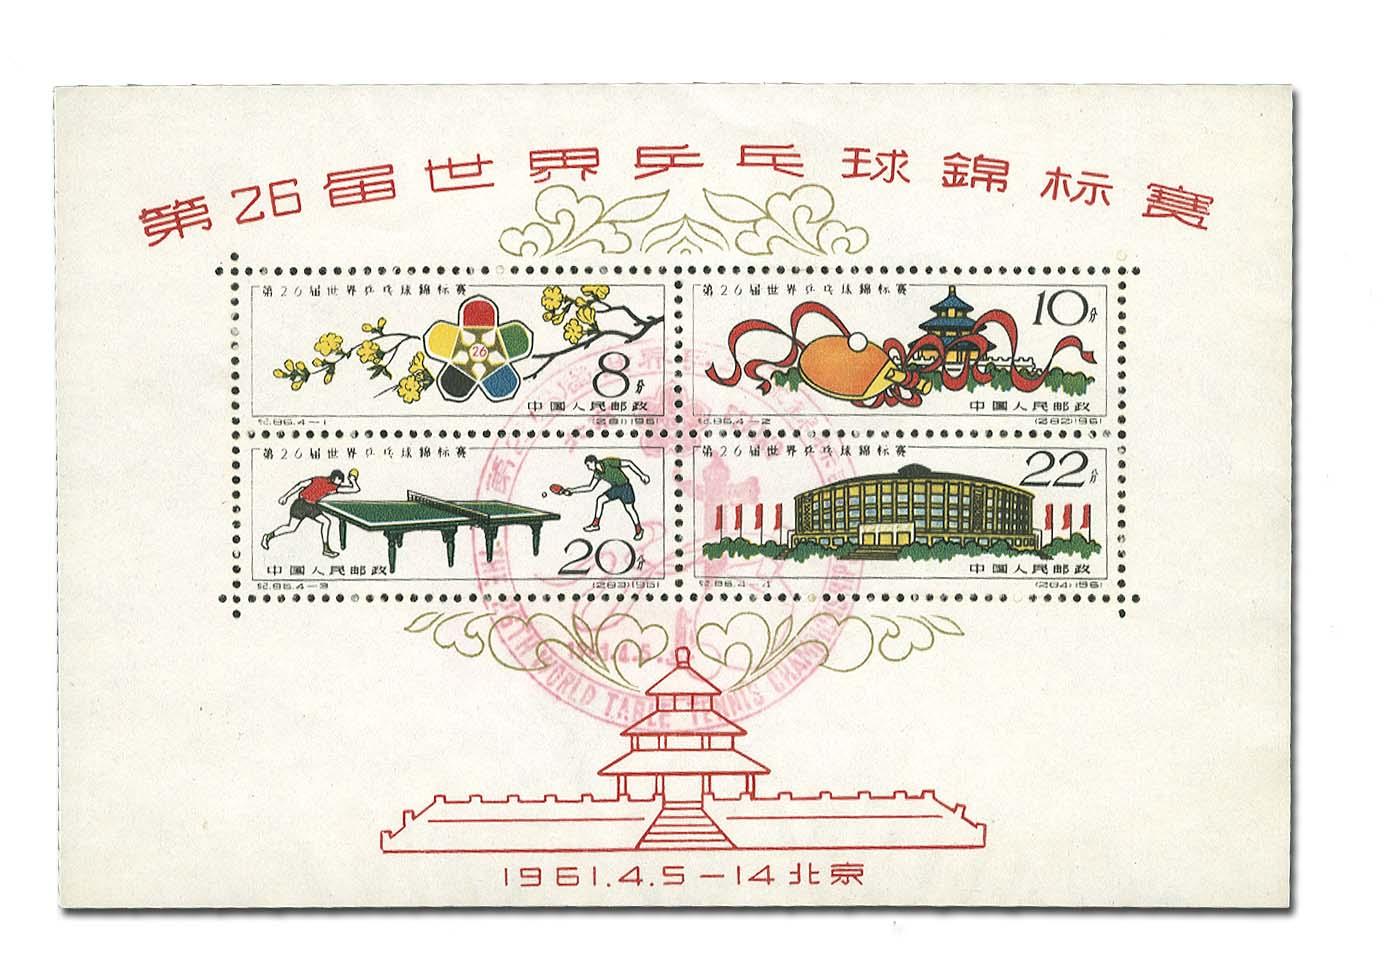 Lot 6477 - Übersee A-Z China - Volksrepublik (PRC) Markenausgaben S -  Auktionshaus Ulrich Felzmann GmbH & Co. KG Auction 169